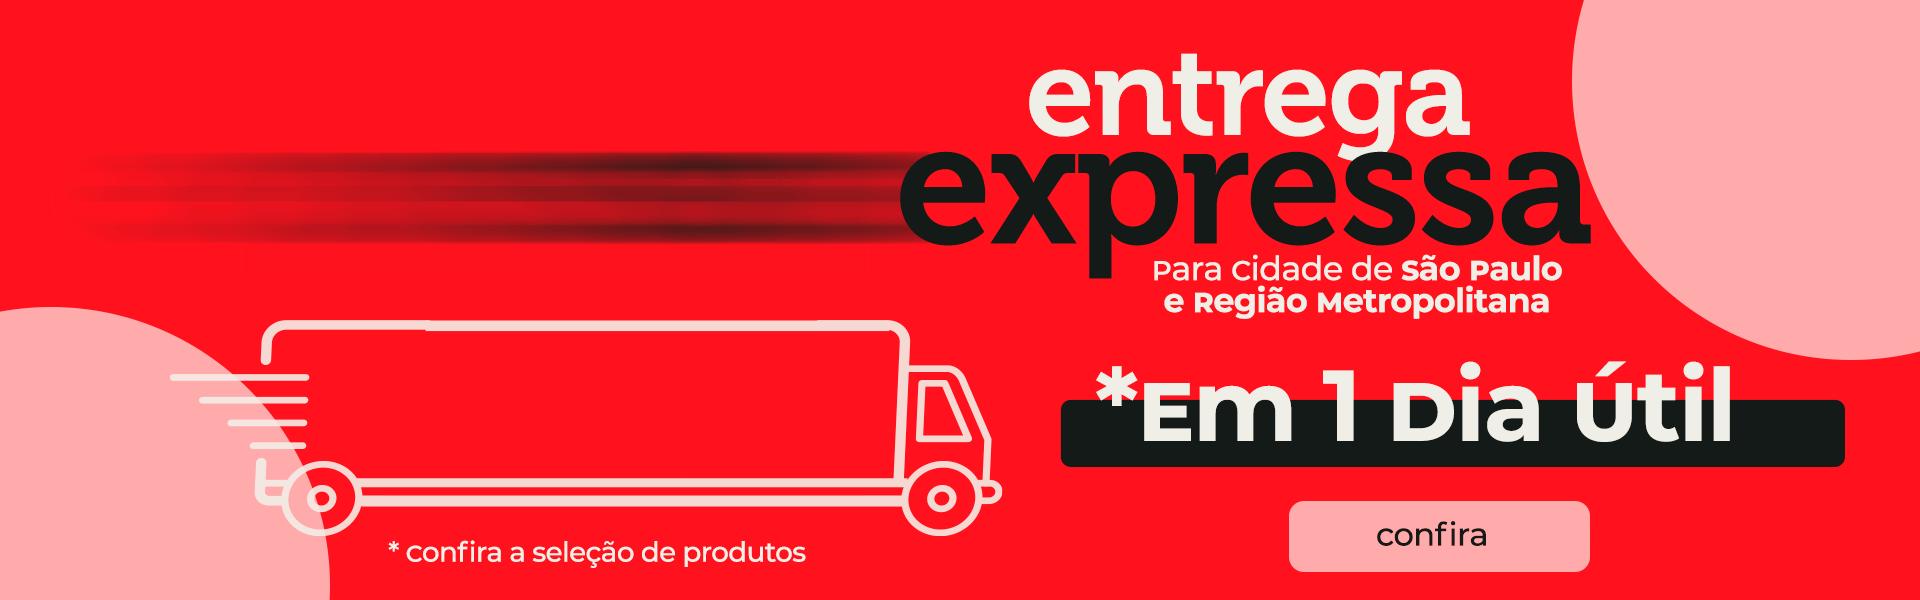 ENTREGA_EXPRESSA SP_RM_1D